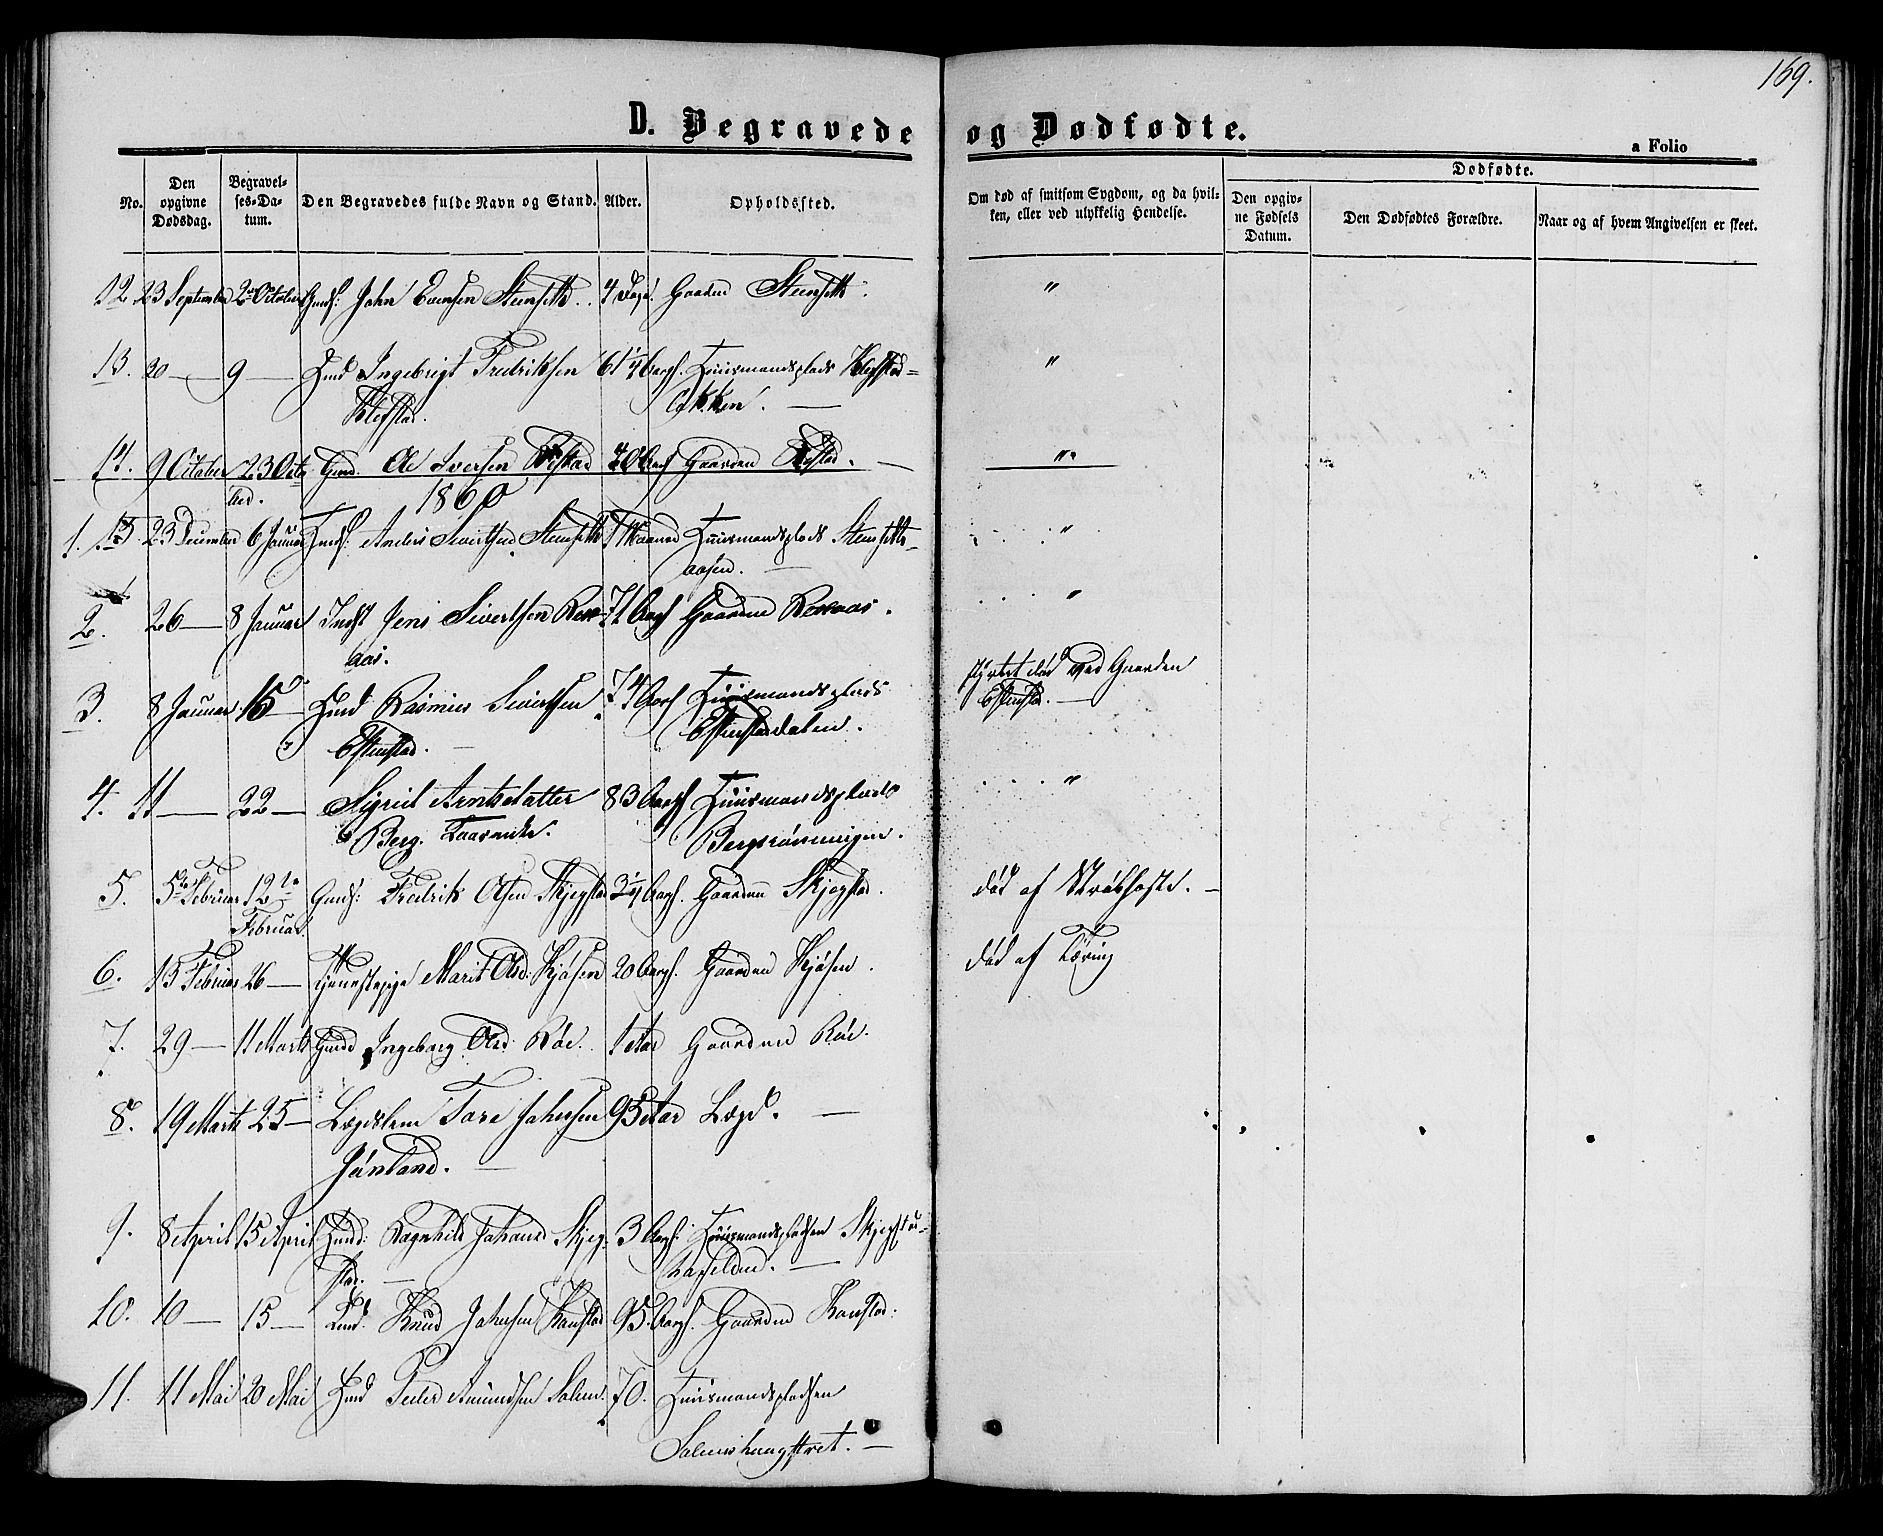 SAT, Ministerialprotokoller, klokkerbøker og fødselsregistre - Sør-Trøndelag, 694/L1131: Klokkerbok nr. 694C03, 1858-1886, s. 169